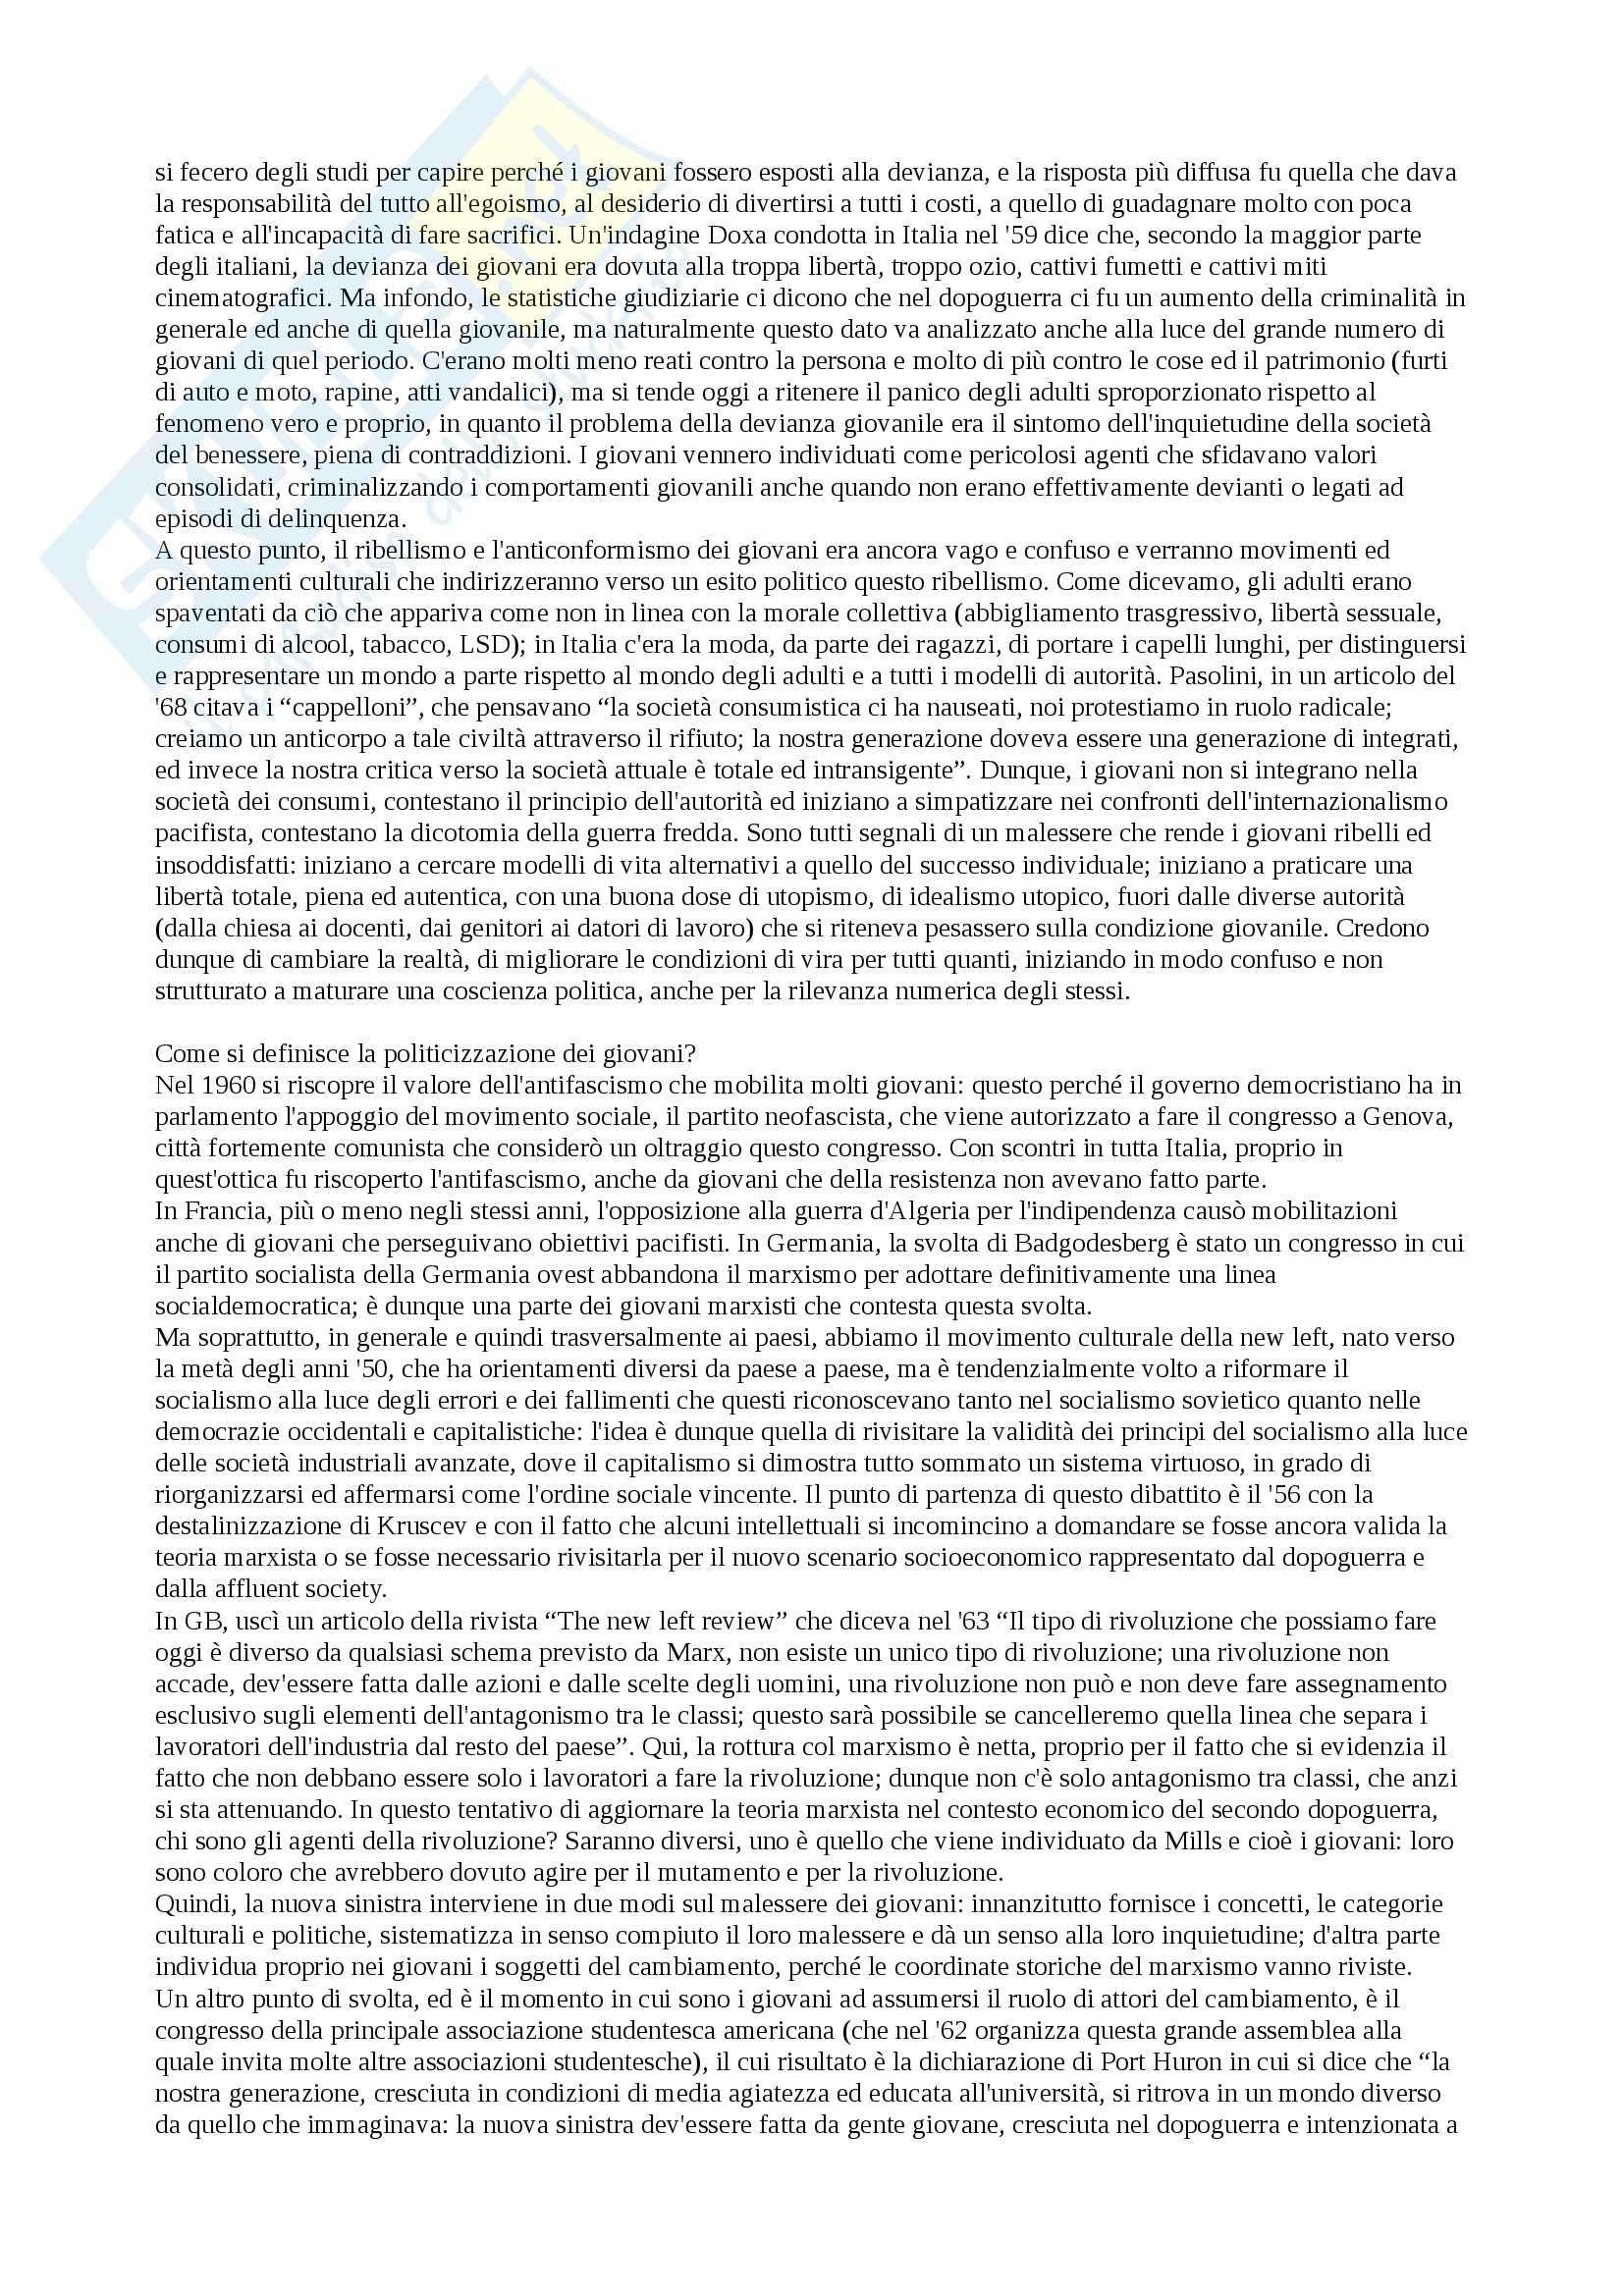 Storia della società del XX secolo - Appunti Pag. 21